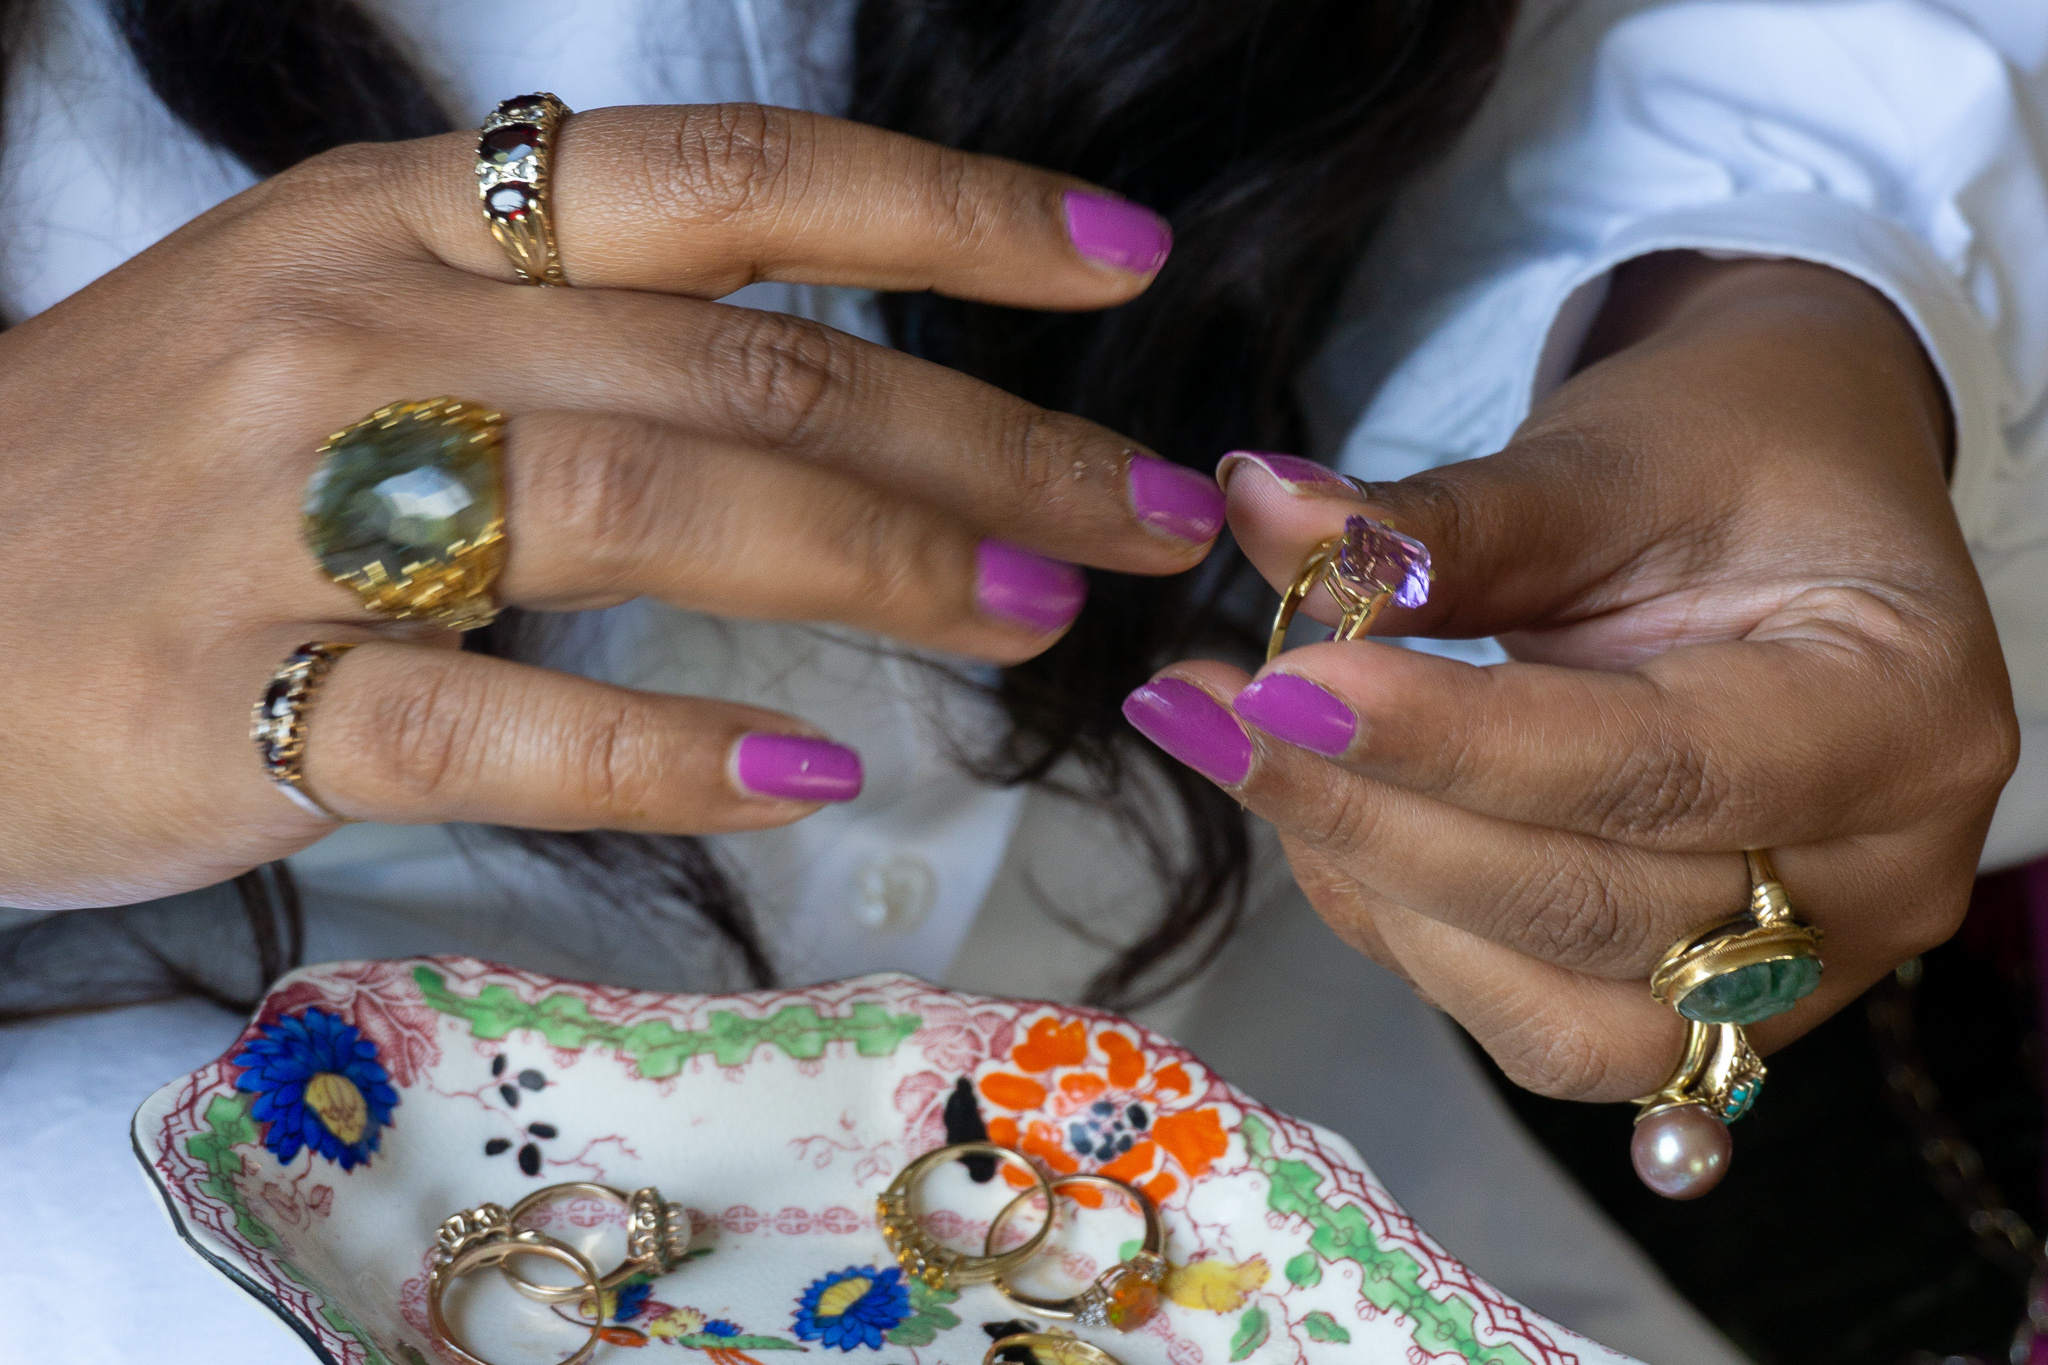 Meet the face behind the bling bling: Sharita Toonen